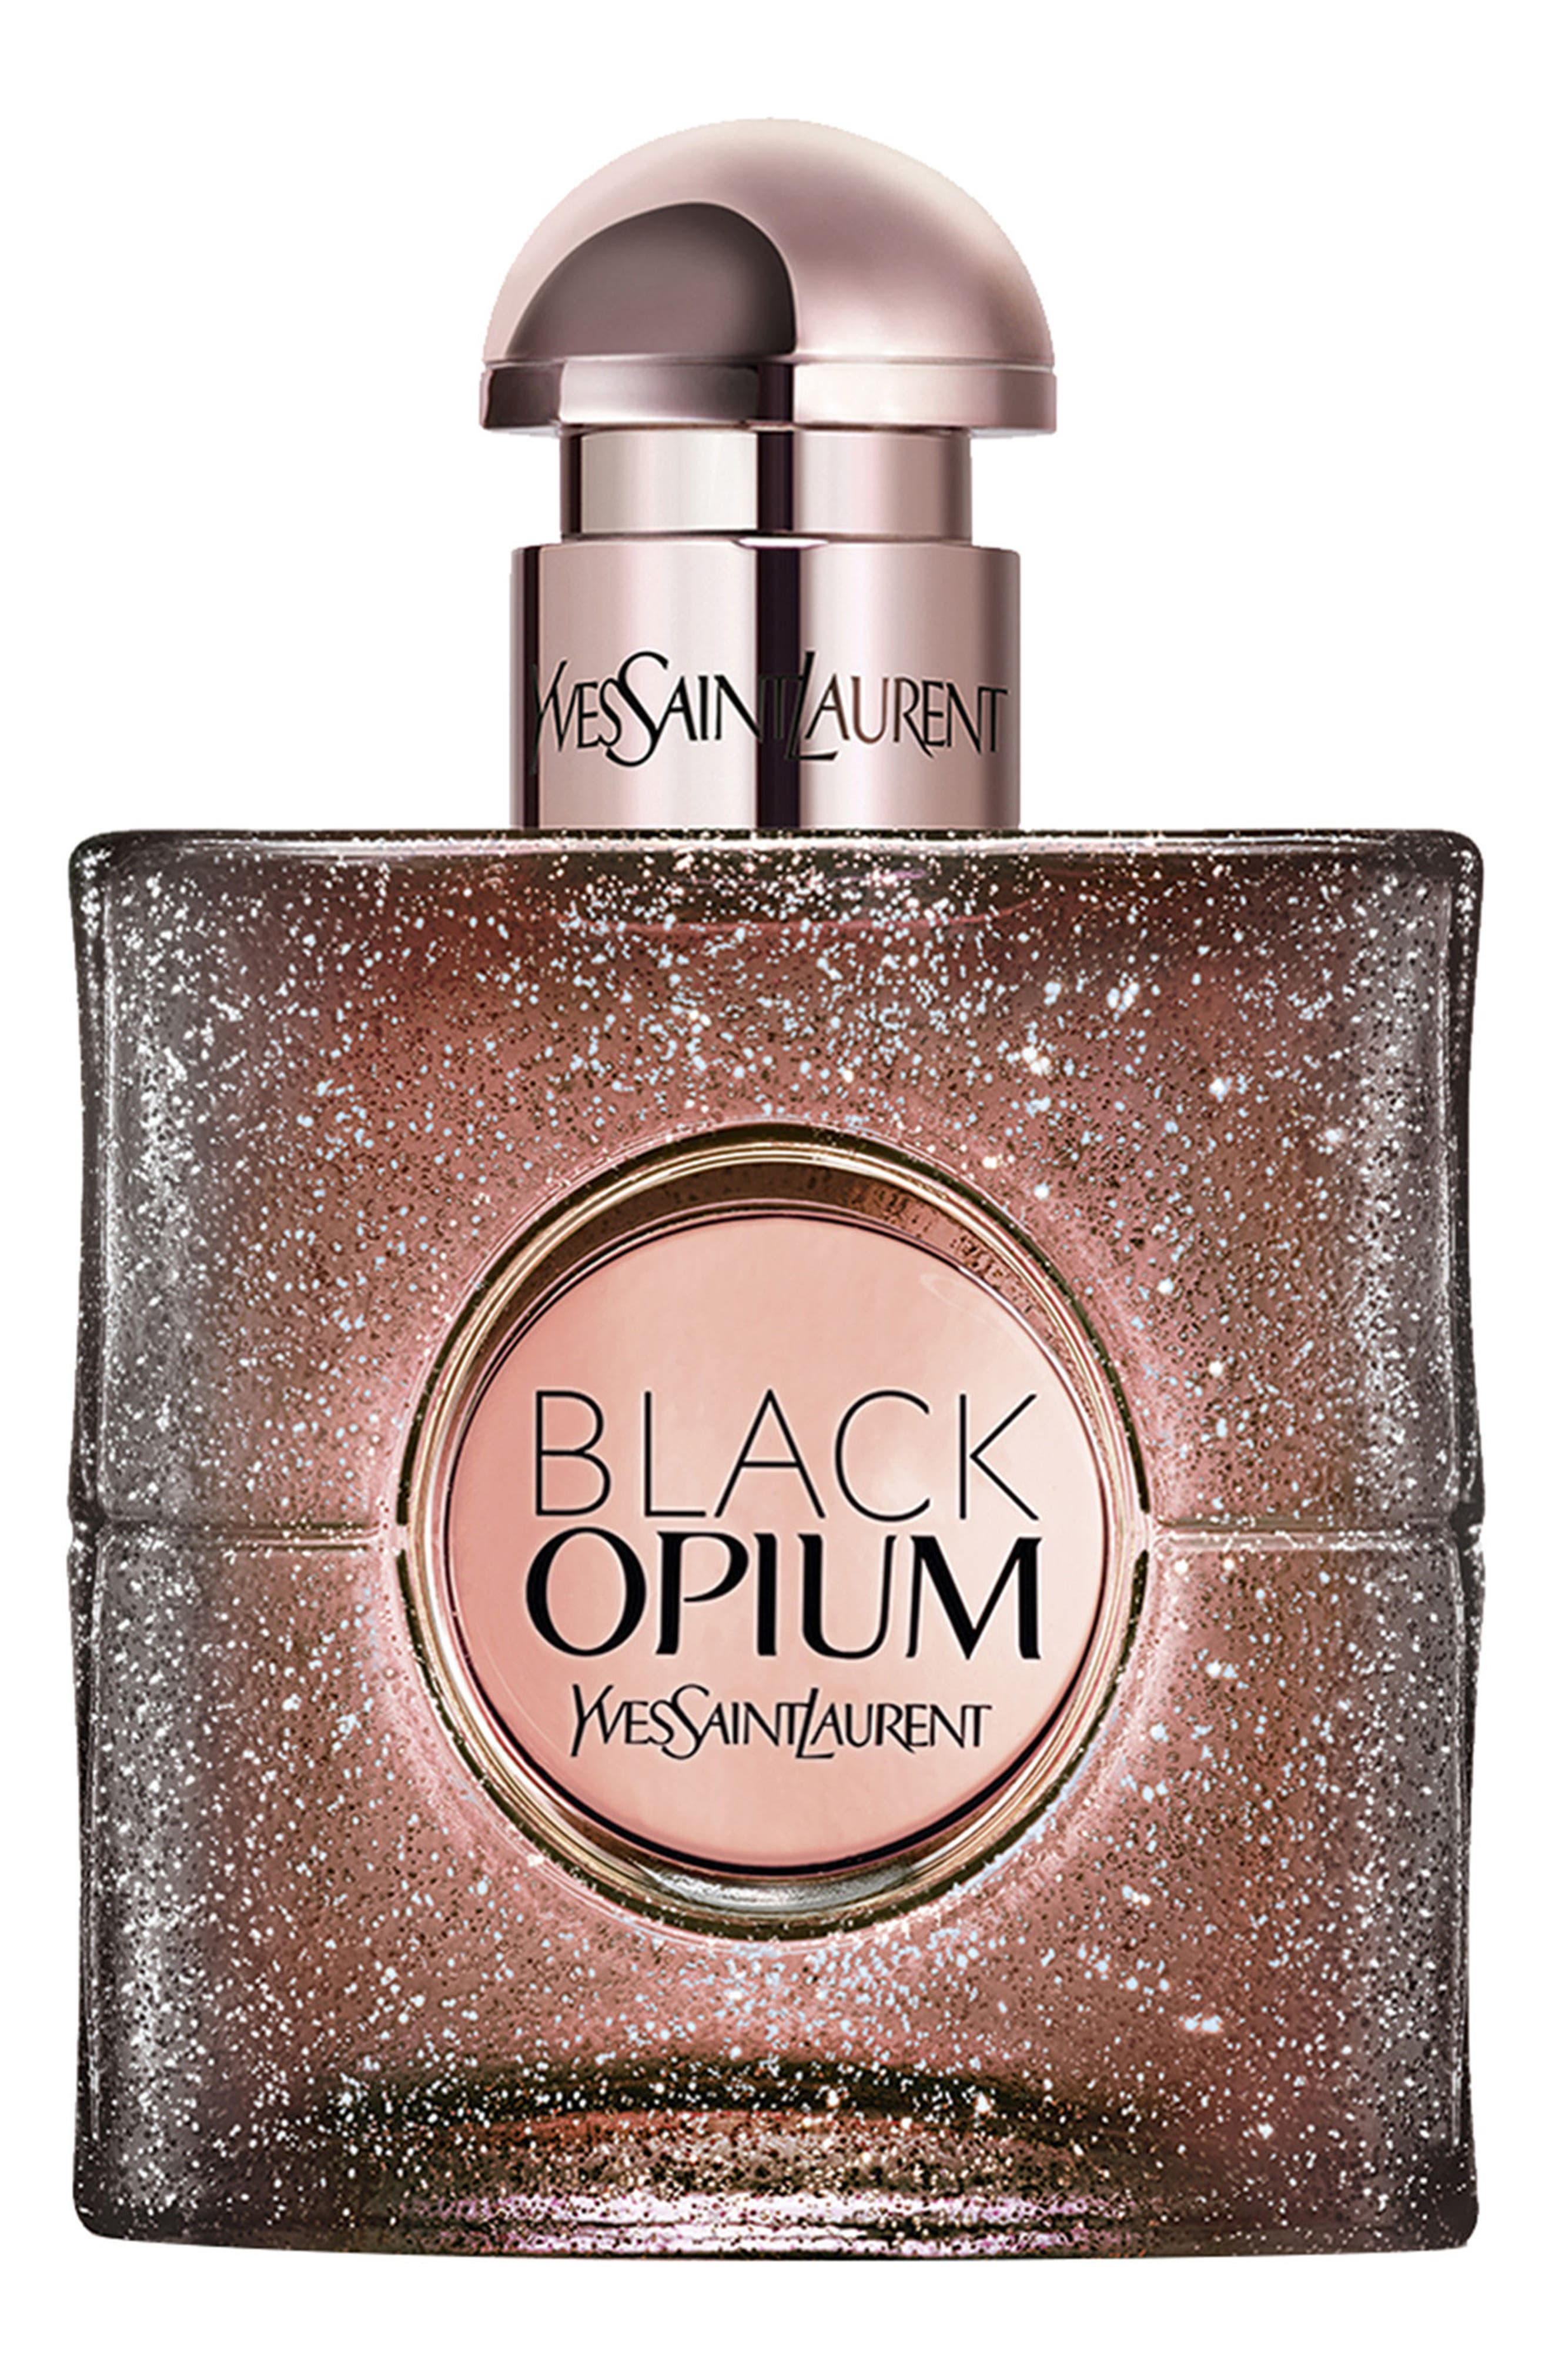 Yves Saint Laurent Black Opium Hair Mist